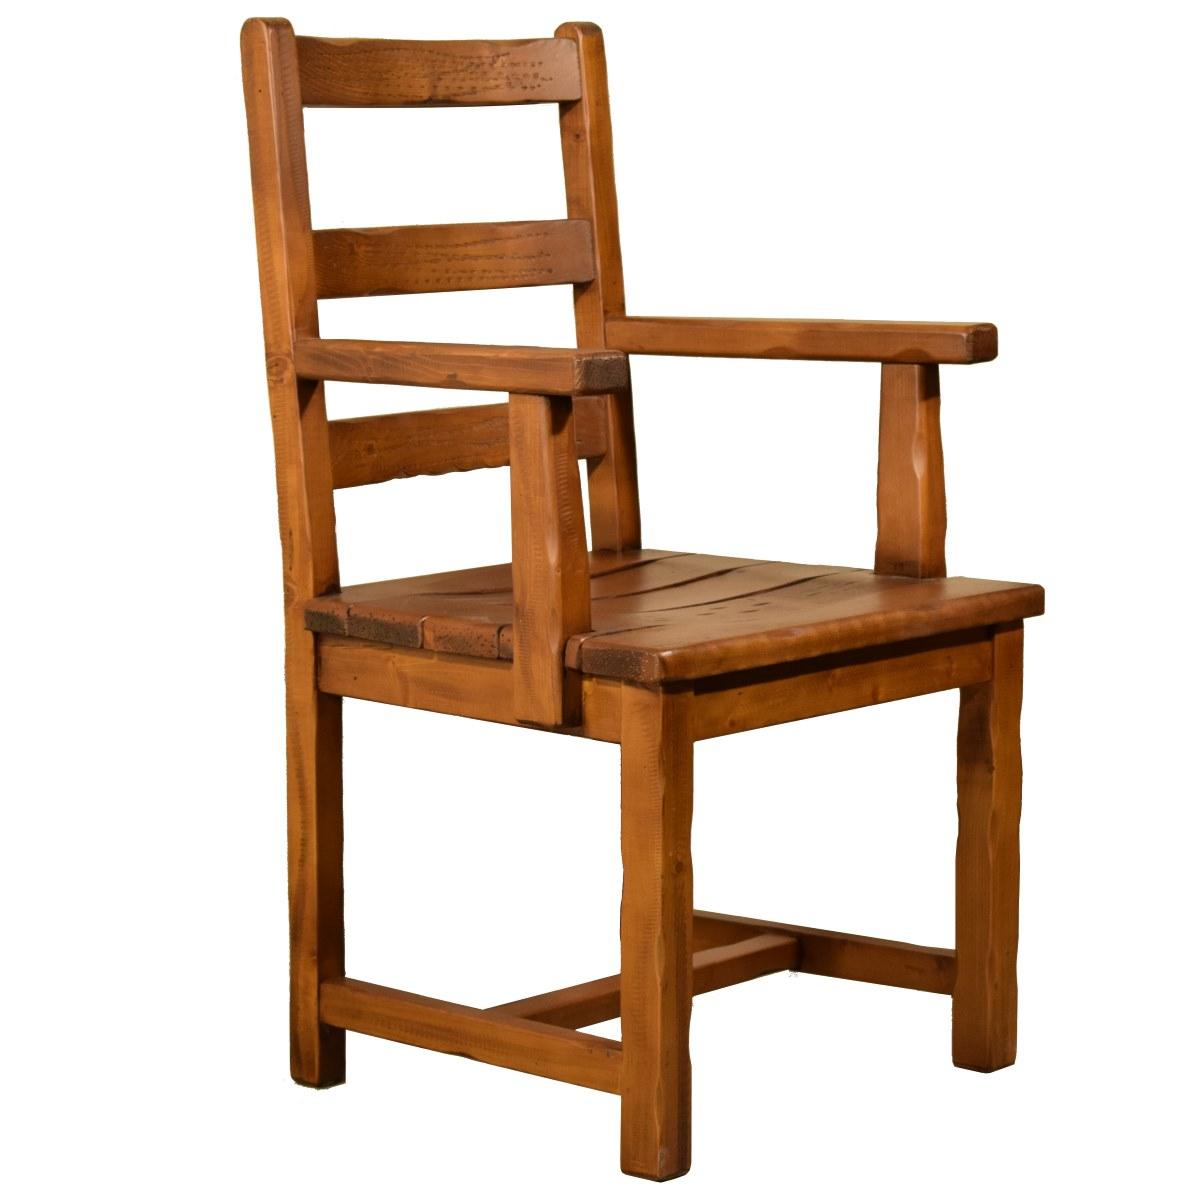 Sill n r stico bajo asiento de madera ecor stico venta for Sillon para exterior madera